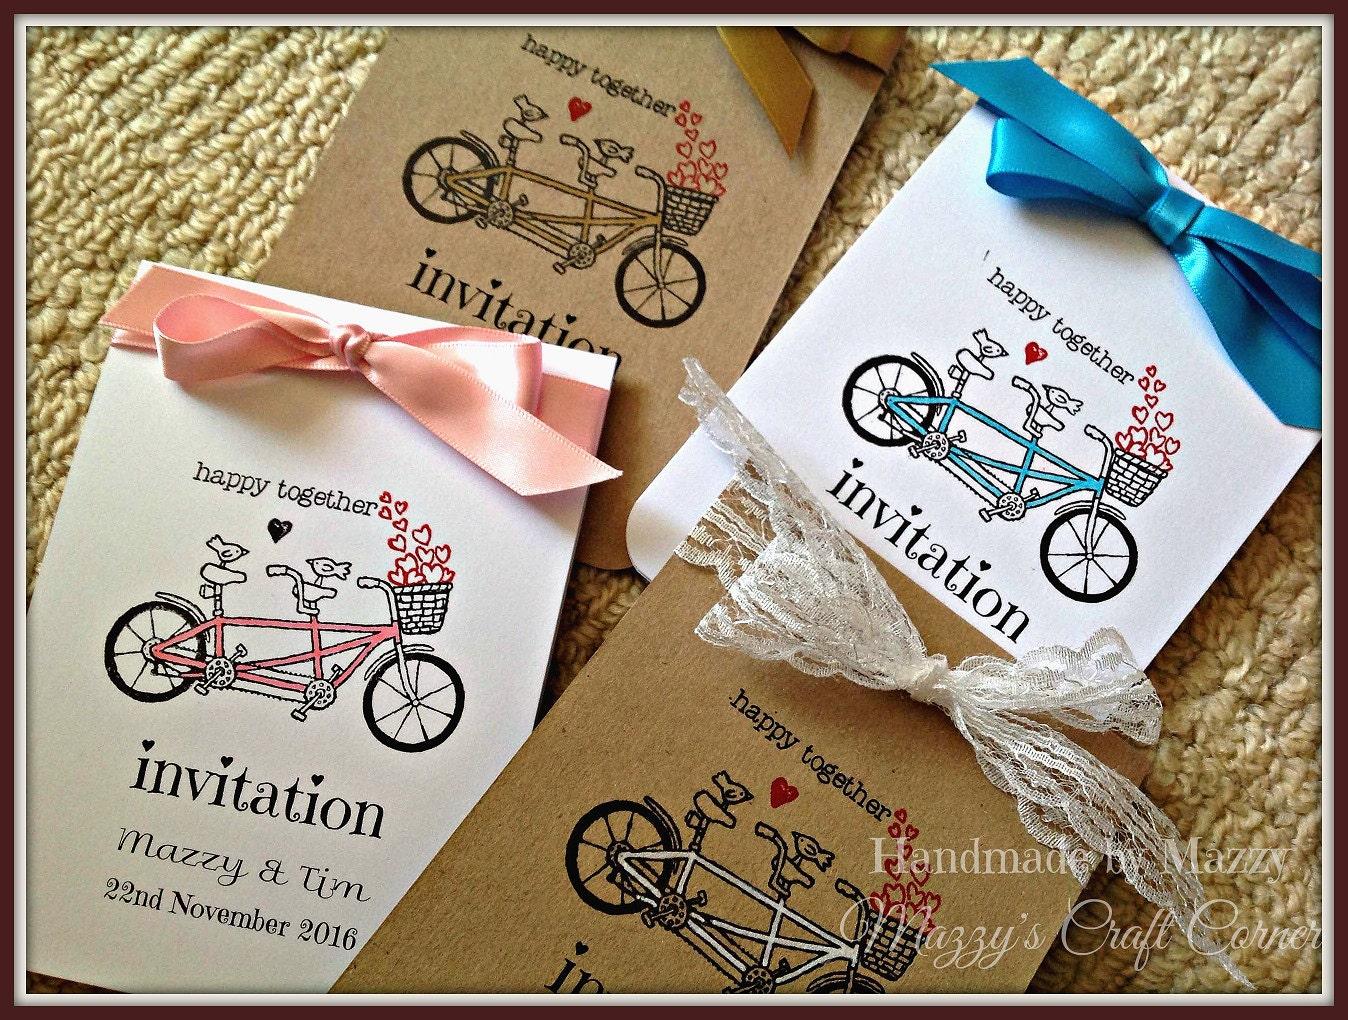 Vintage Handmade Wedding Invitations: 10 Handmade Tandem Bicycle Vintage Wedding Invitations